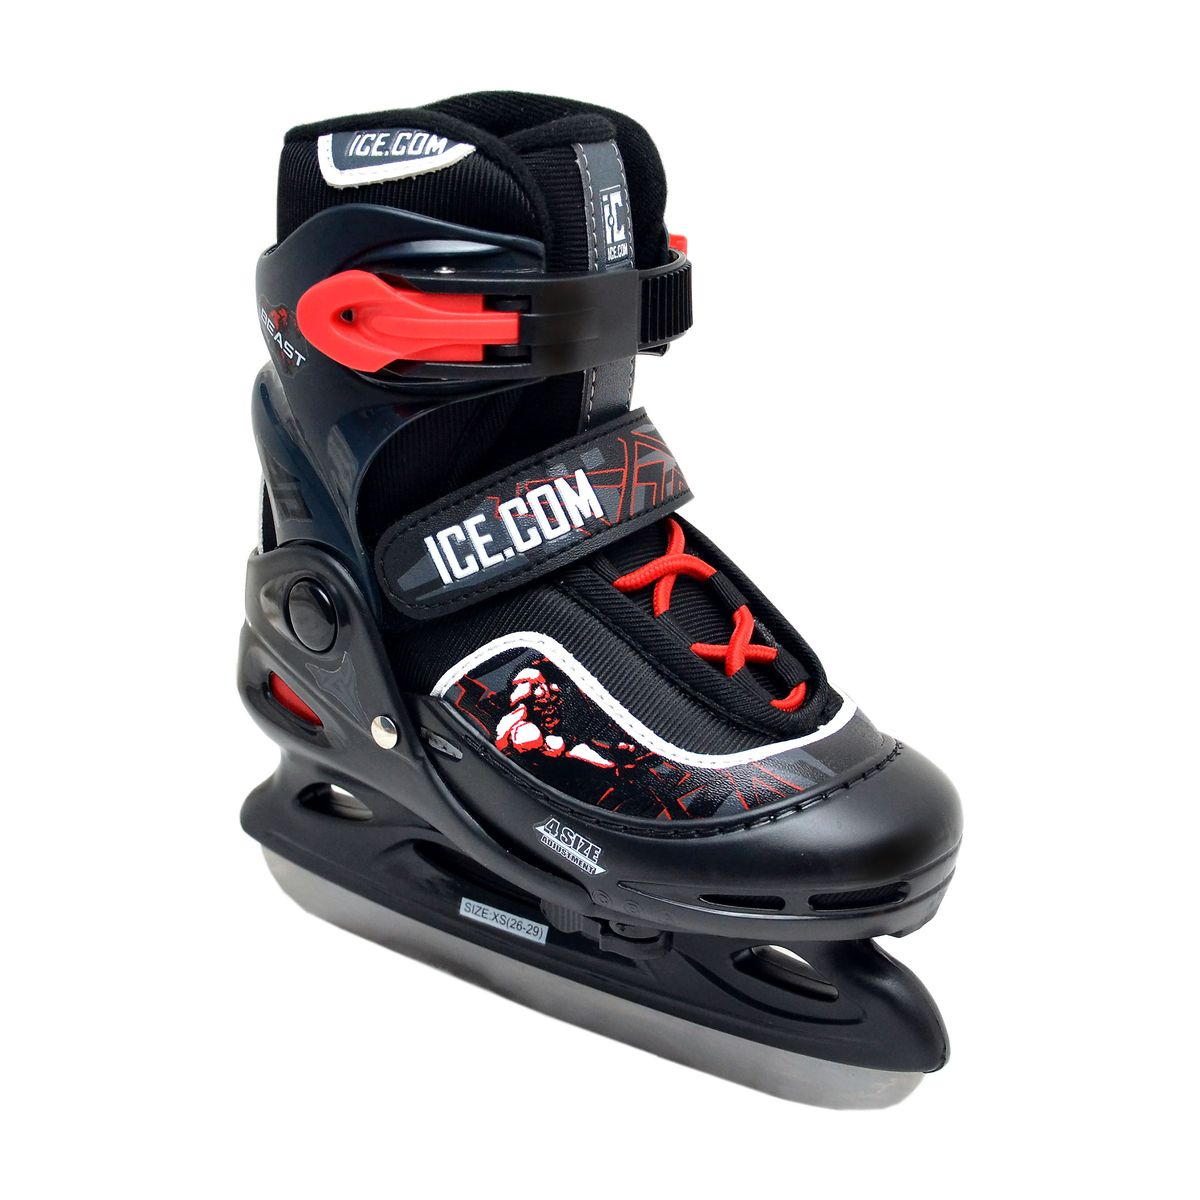 Коньки ледовые для мальчика Ice.Com Beast, раздвижные, цвет: черный, красный. Размер 30/33